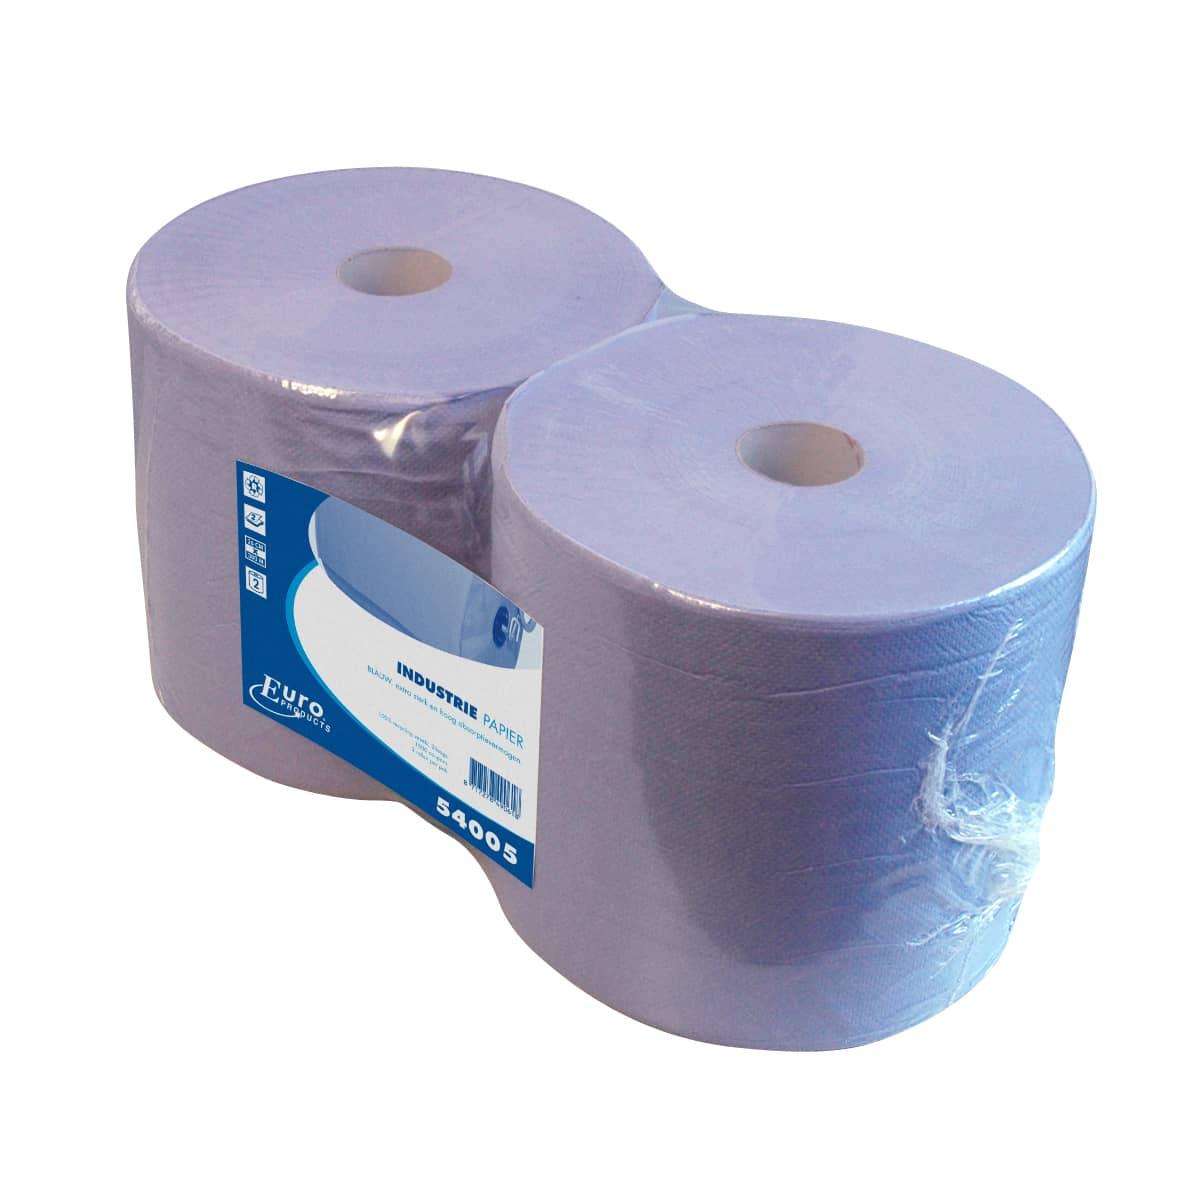 Industriepapier recycled blauw 2-laags (2 rollen)